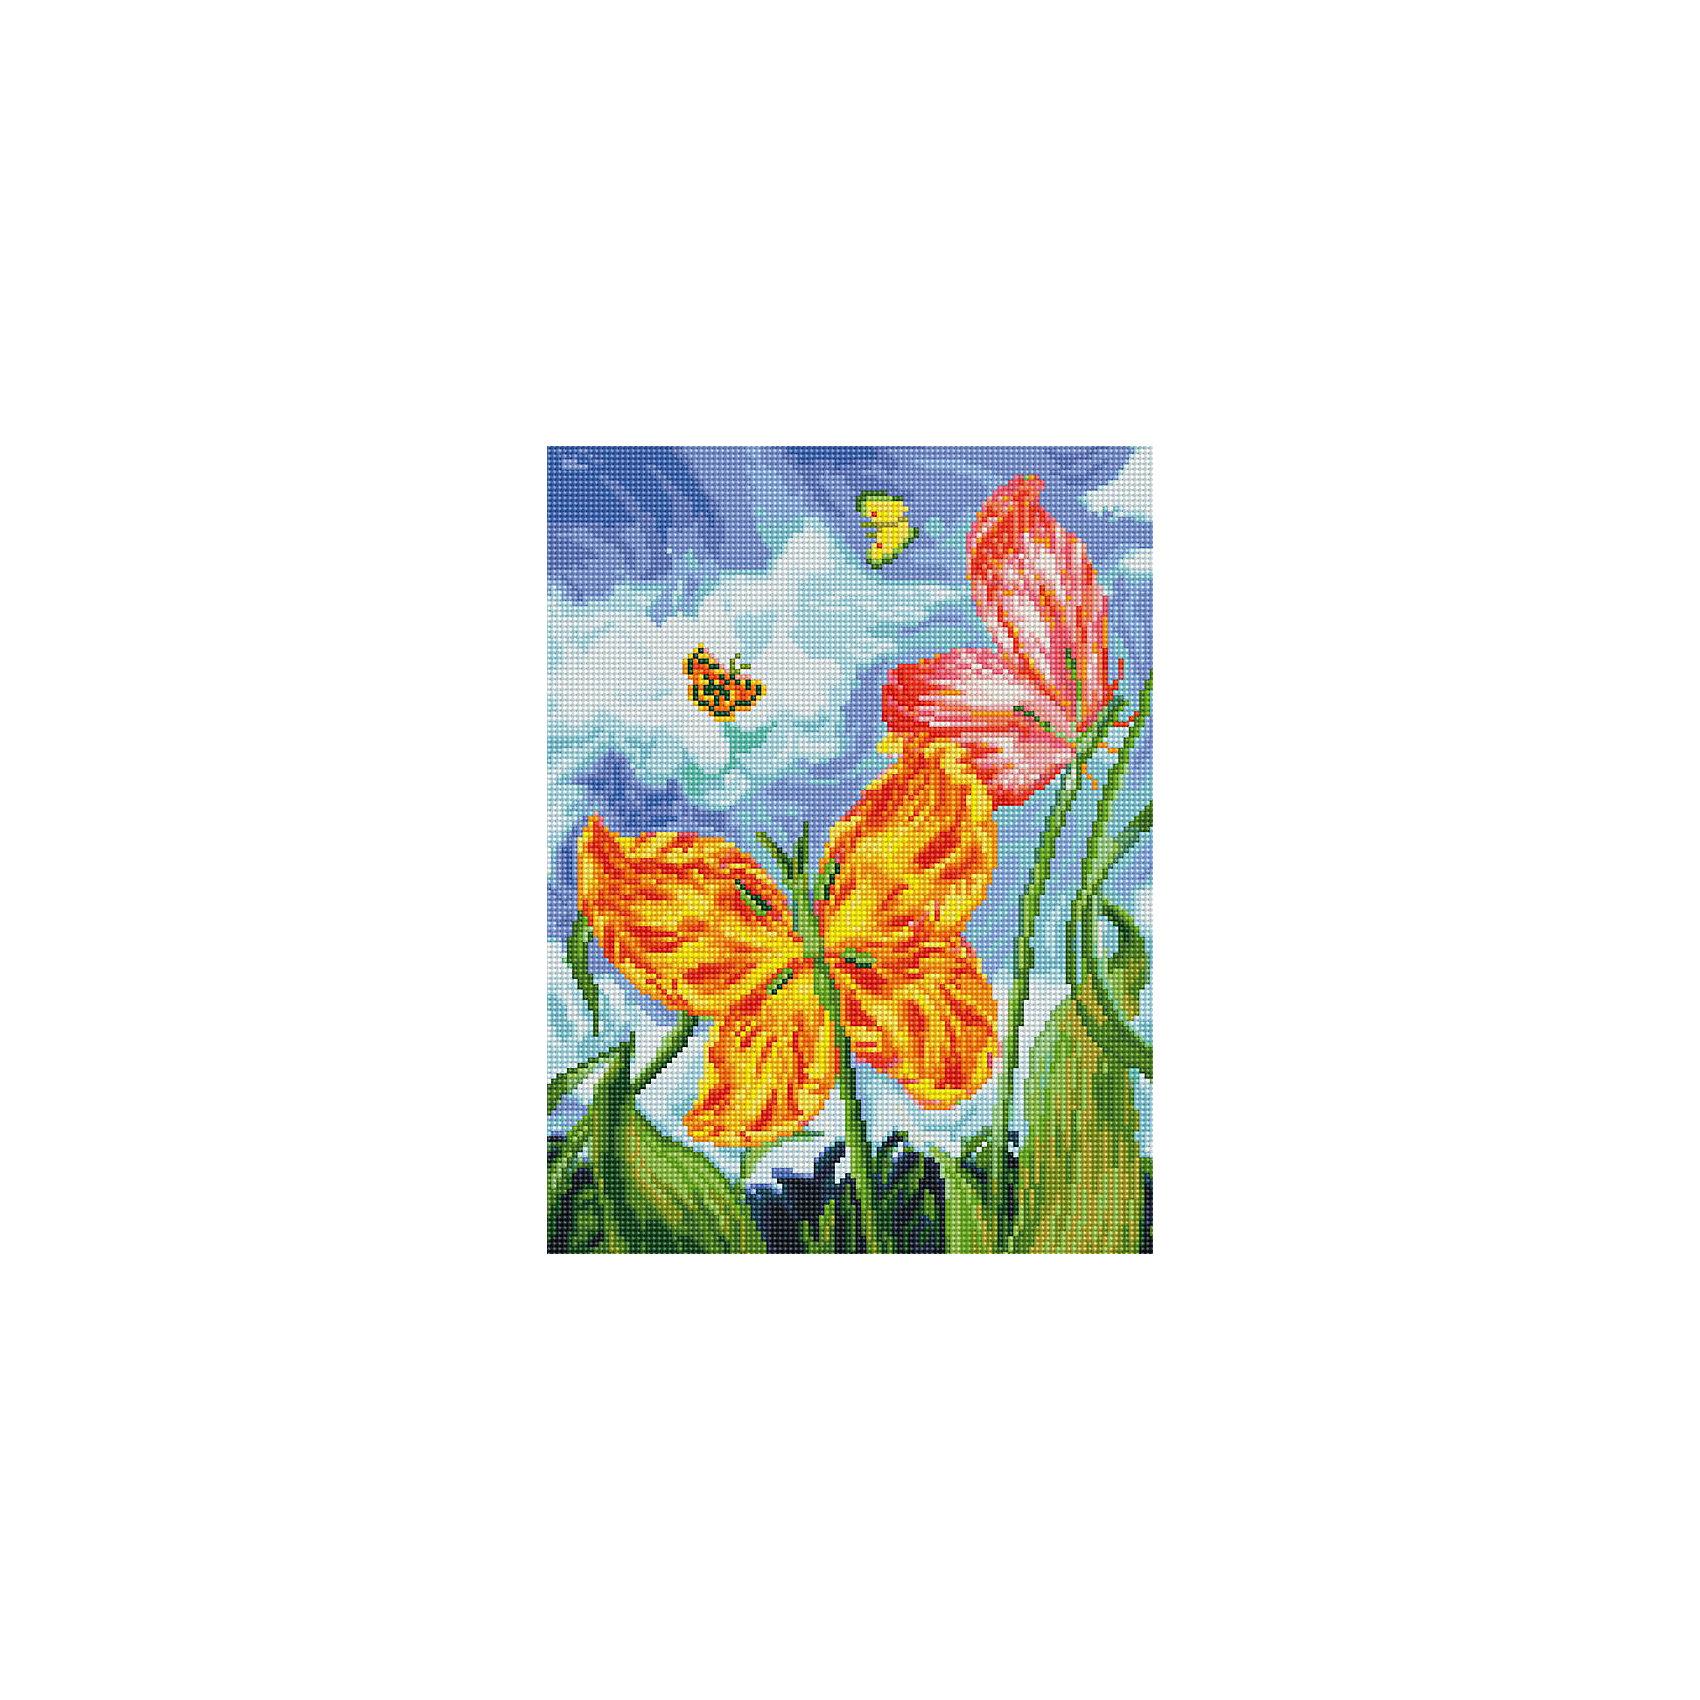 Мозаика на подрамнике БабочкиМозаика детская<br>Характеристики:<br><br>• Предназначение: для творческих занятий<br>• Тематика: насекомые, цветы<br>• Пол: для девочек<br>• Материал: дерево, бумага, пластик<br>• Цвет: голубой, белый, сиреневый, желтый, оранжевый, красный, зеленый и др.<br>• Количество цветов: 41<br>• Комплектация: холст на подрамнике, стразы, пинцет, карандаш для камней, клей, лоток для камней инструкция<br>• Размеры готовой работы (ШД): 3040 см<br>• Тип выкладки камней: сплошное заполнение рисунка<br>• Стразы круглой формы ограненные<br>• Вес: 980 г <br>• Упаковка: картонная коробка<br><br>Мозаика на подрамнике Бабочки – это набор от торговой марки Белоснежка, специализирующейся на товарах для творчества и рукоделия. Комплект для мозаики состоит из холста на деревянном подрамнике, набора необходимых камней и приспособлений для их выкладки. На холст нанесен рисунок с указанием цвета камней. С помощью пинцета выкладывается картина способом сплошного заполнения, что создает реалистичность изображения. Все материалы, используемые в наборе, экологичные и натуральные. Готовые наборы научат вашего ребенка сочетать цвета и оттенки, действовать по заданному образцу, будут способствовать развитию внимательности, усидчивости и зрительному восприятию. <br>Занятия художественным творчеством являются не только средством творческого и эстетического развития, но также воспитания и коррекции эмоциональных комплексов у детей и подростков. <br><br>С наборами от Белоснежки можно создать как отдельную картину, так и использовать поделку в качестве оригинального и яркого аксессуара для оформления интерьера или других более крупных предметов и поделок.<br><br>Мозаику на подрамнике Бабочки можно купить в нашем интернет-магазине.<br><br>Ширина мм: 310<br>Глубина мм: 410<br>Высота мм: 25<br>Вес г: 700<br>Возраст от месяцев: 144<br>Возраст до месяцев: 192<br>Пол: Женский<br>Возраст: Детский<br>SKU: 5089769